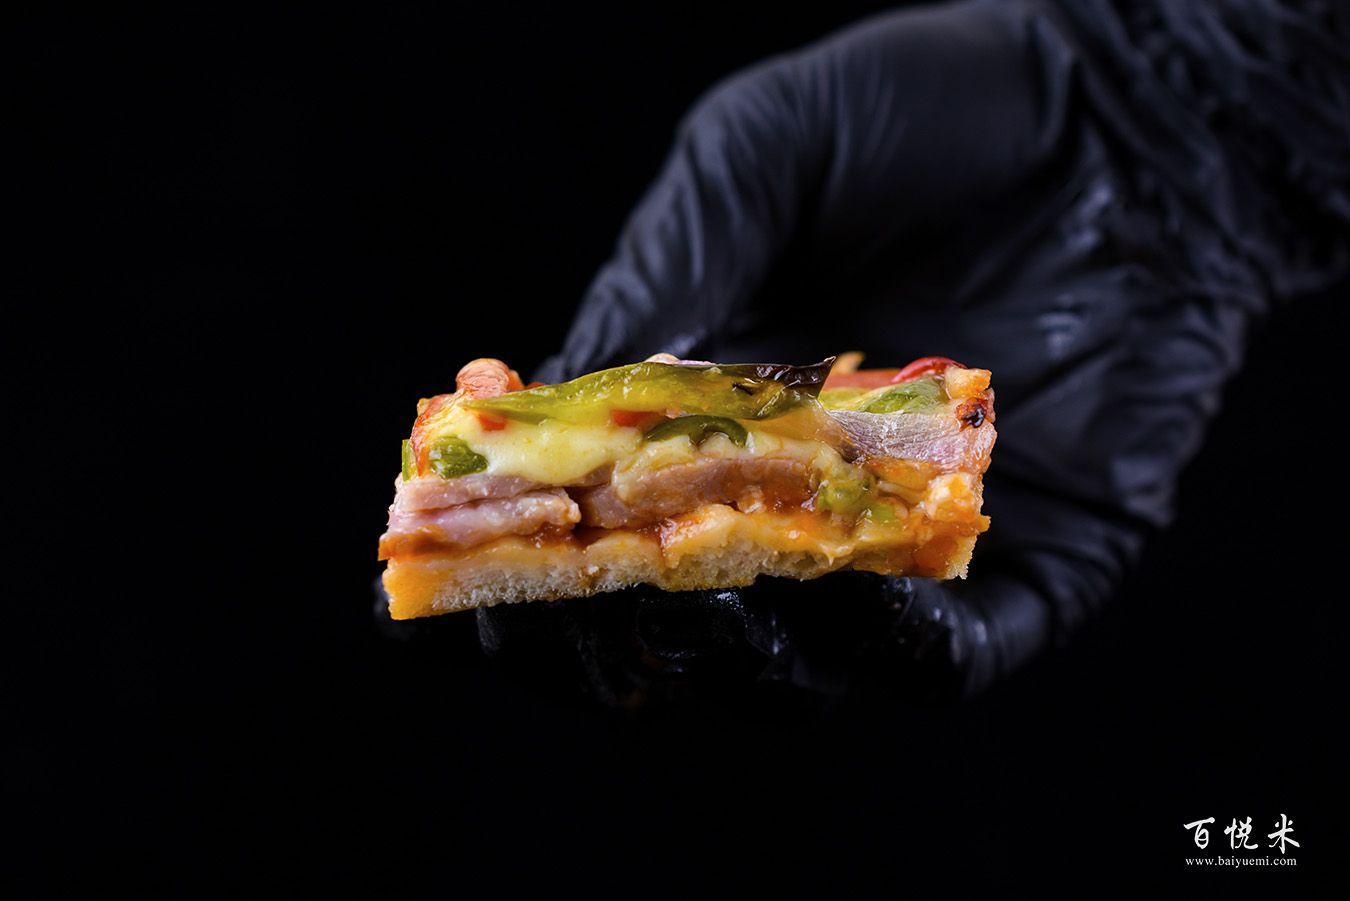 脆肠披萨高清图片大全【蛋糕图片】_1190